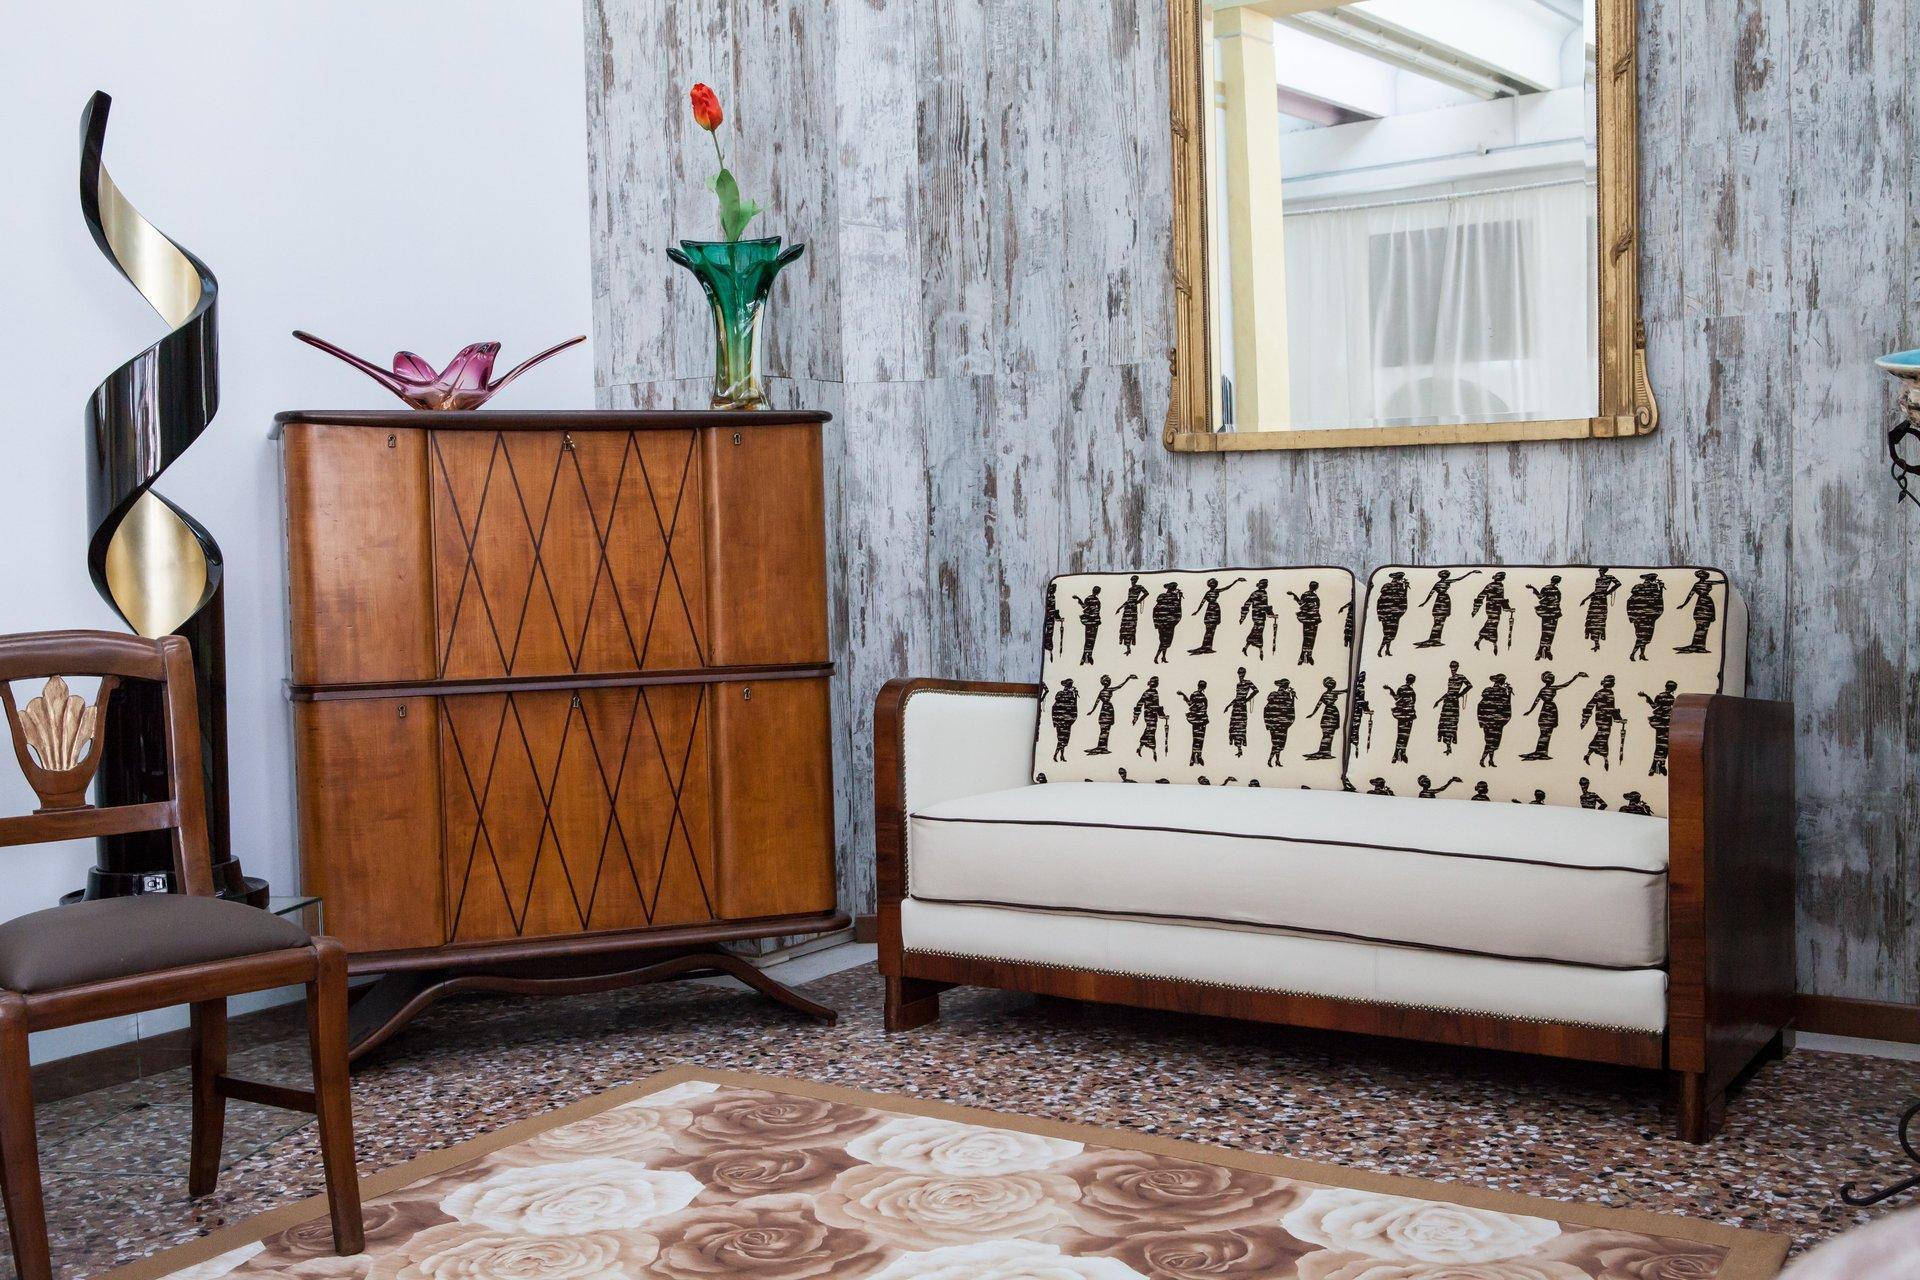 salotto con mobile in legno